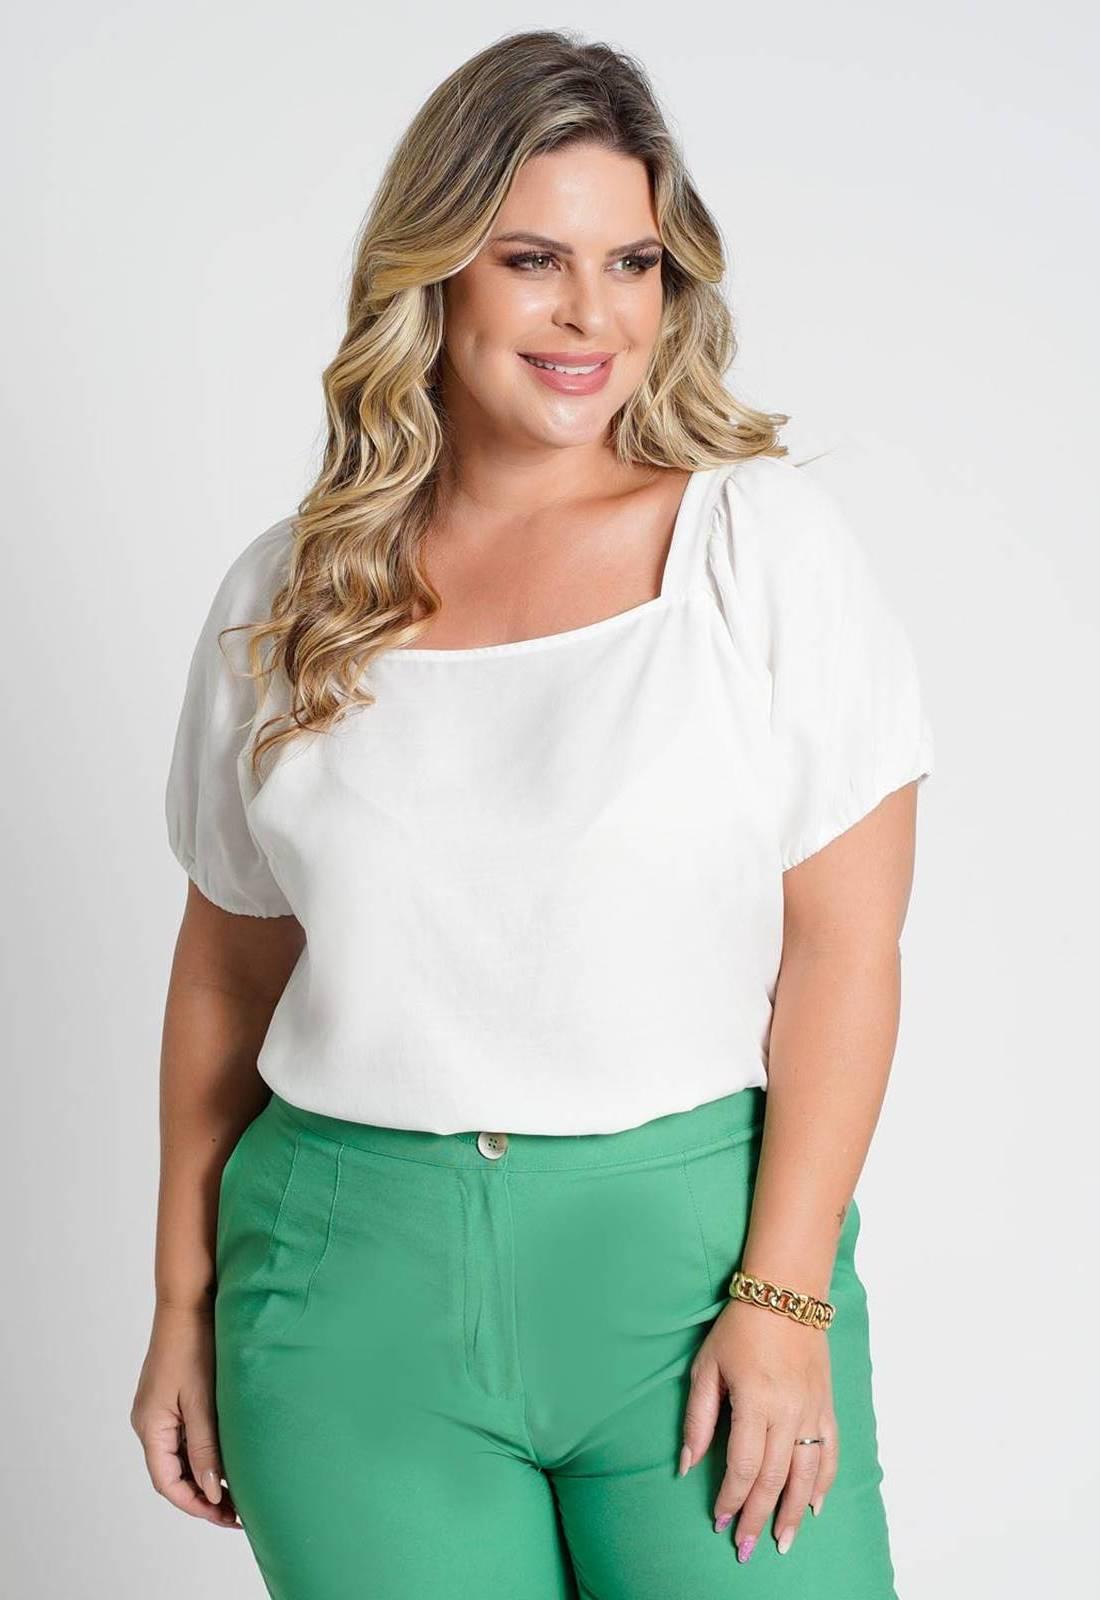 Blusa lisa com amarração costas branco Ref. U77121